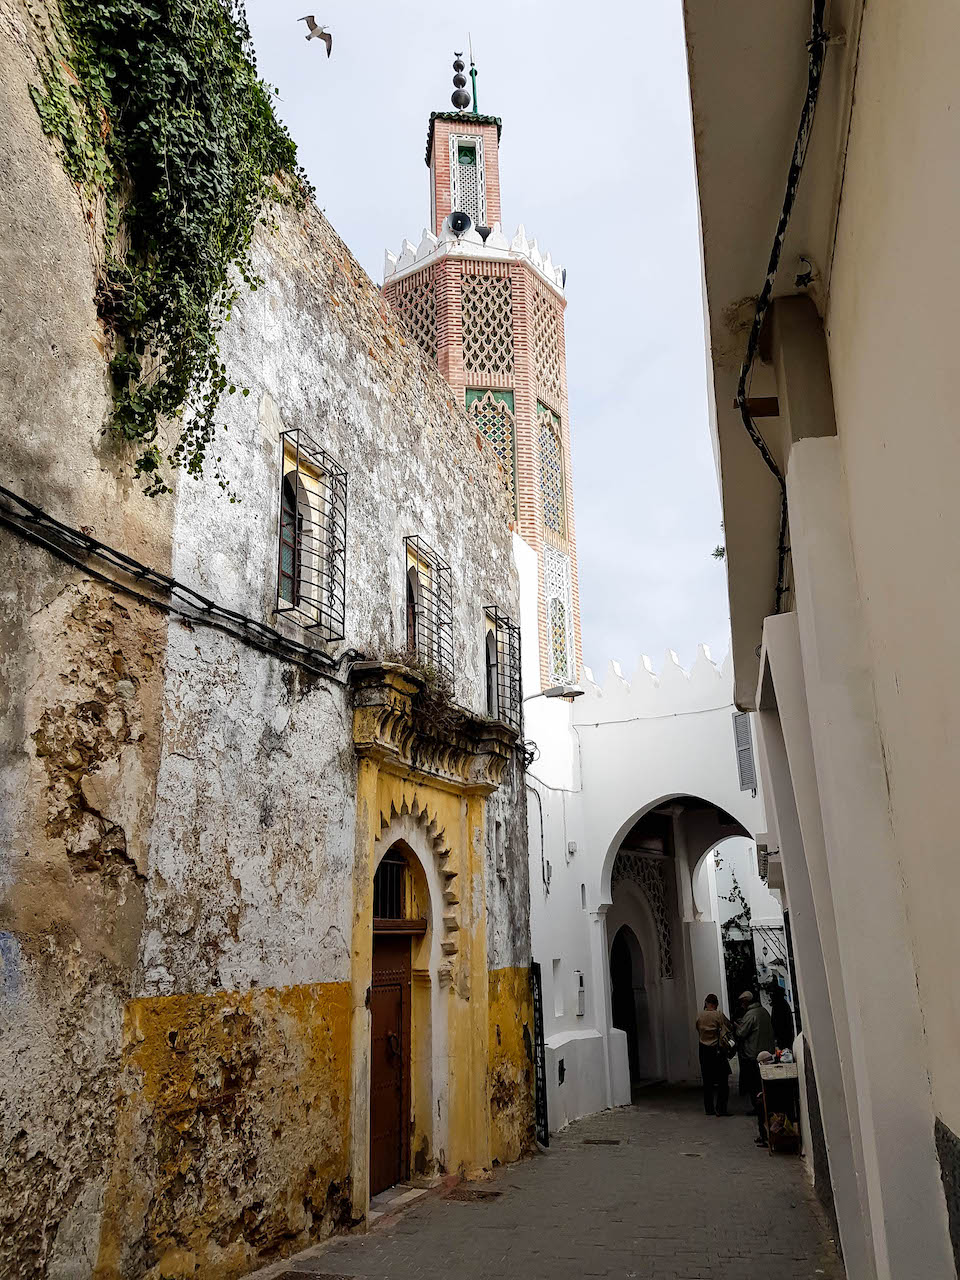 Moschee im Kasbah Viertel in Tanger.